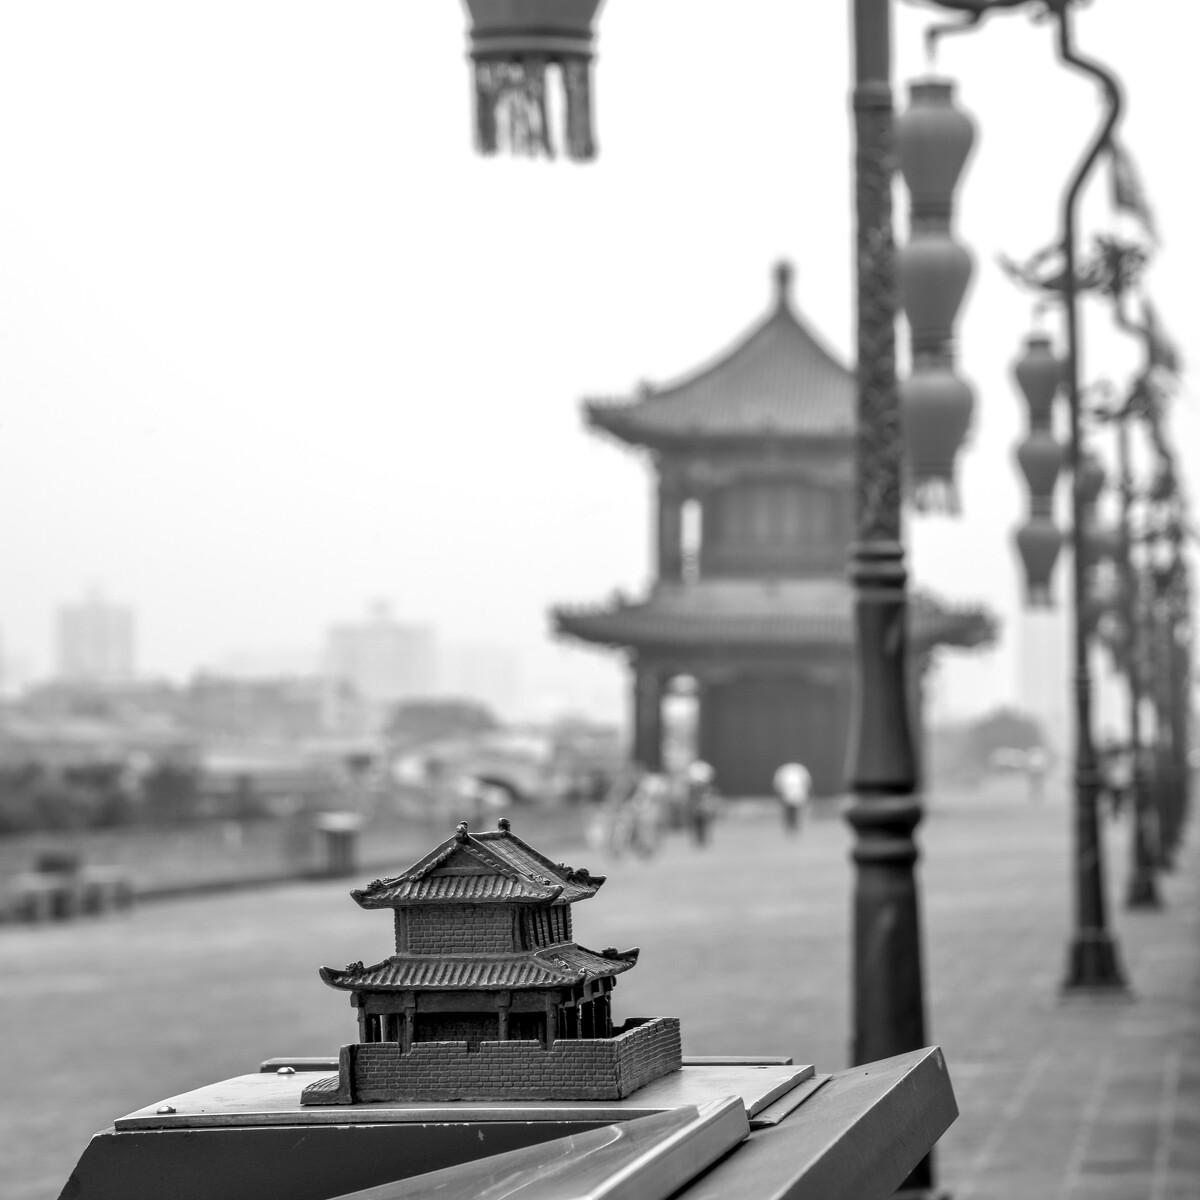 今日京津冀能见度转好,新一轮较强冷空气明日来袭